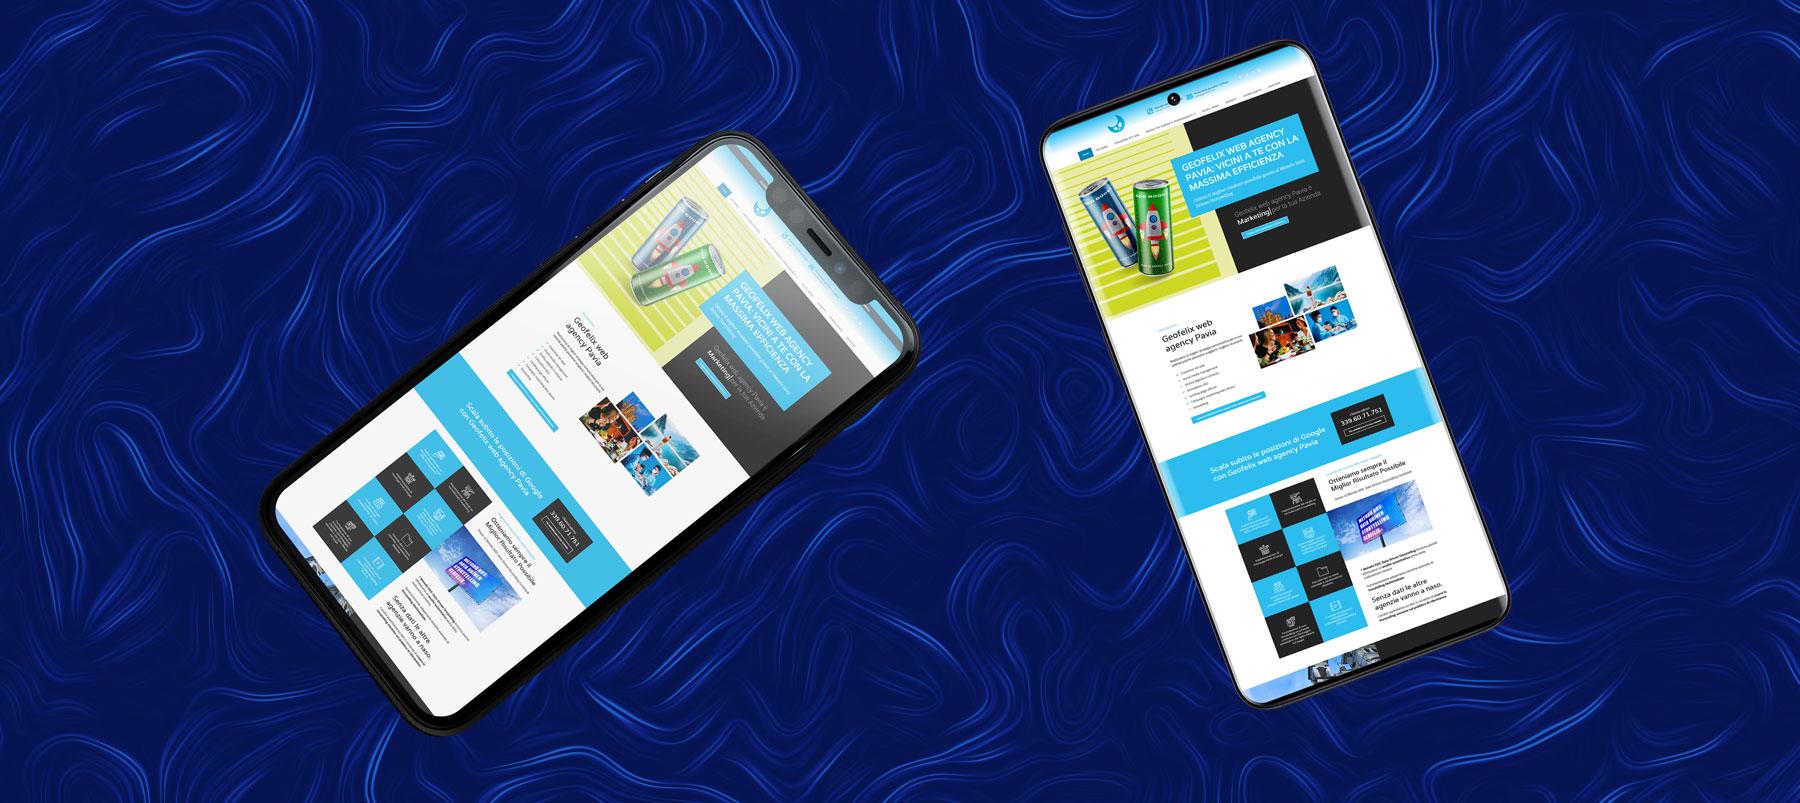 branding-seo-marketing-creazione-siti-web-pavia-milano-design-progettazione-grafica-geofelix-122